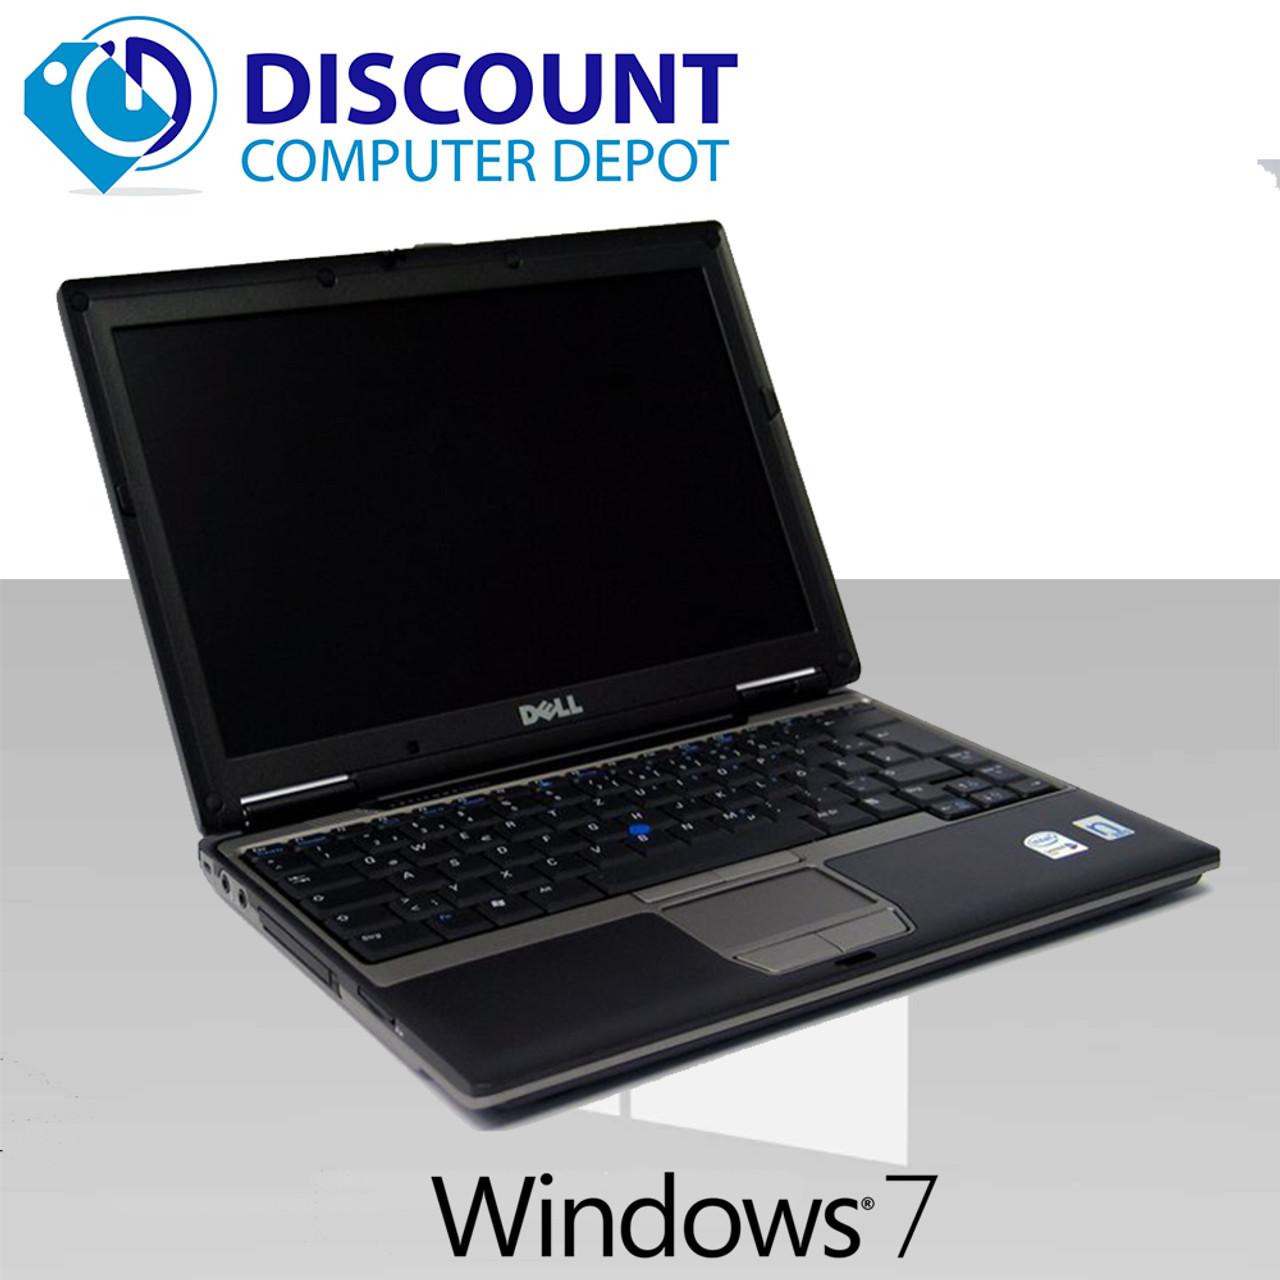 Dell Latitude D420 12 1